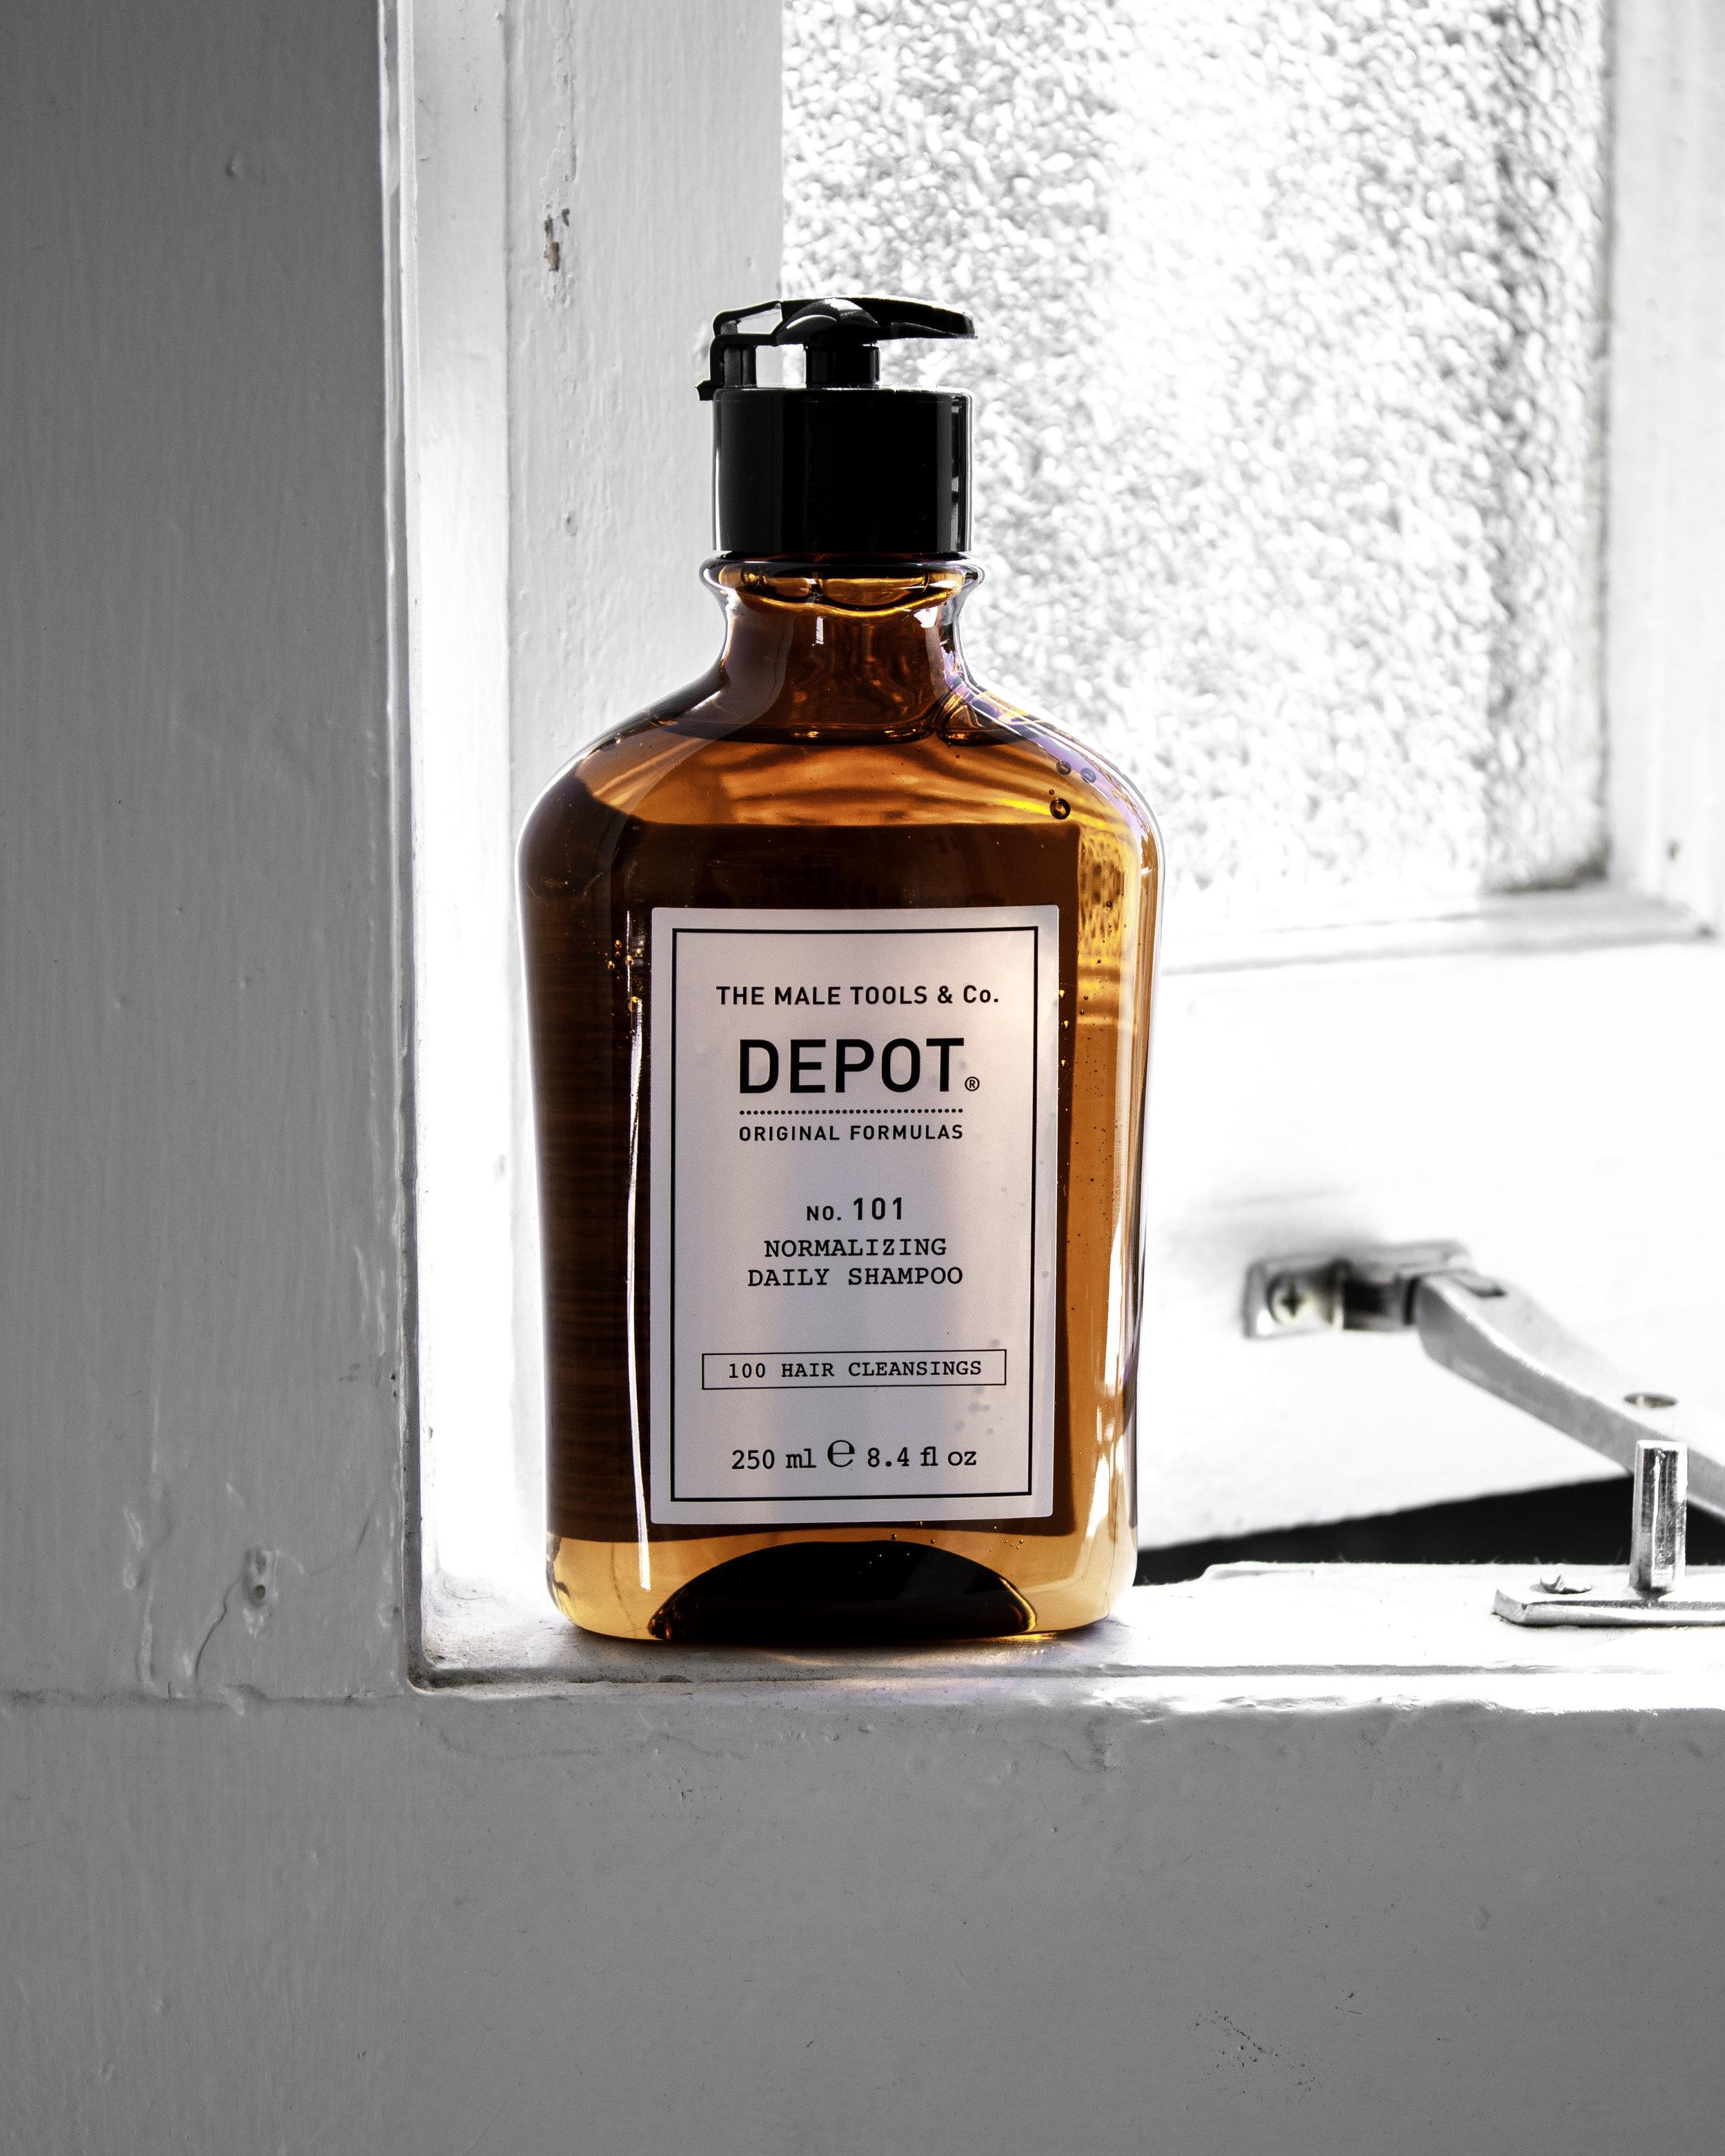 Depot_12.jpg